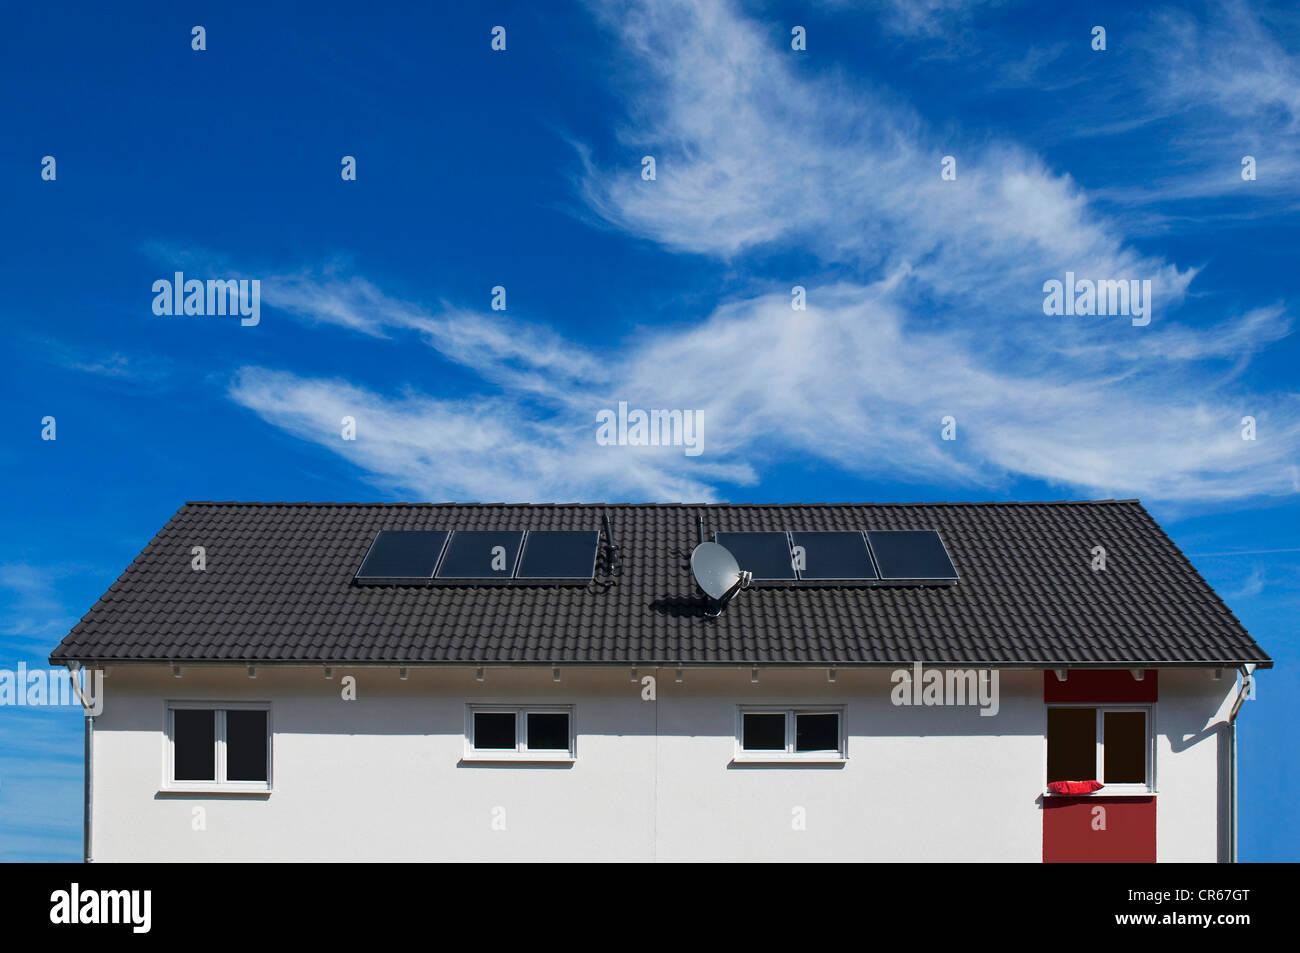 Edificio residencial con paneles solares para calentar agua en el techo, el calor solar, distrito de Kreis Rhein Imagen De Stock